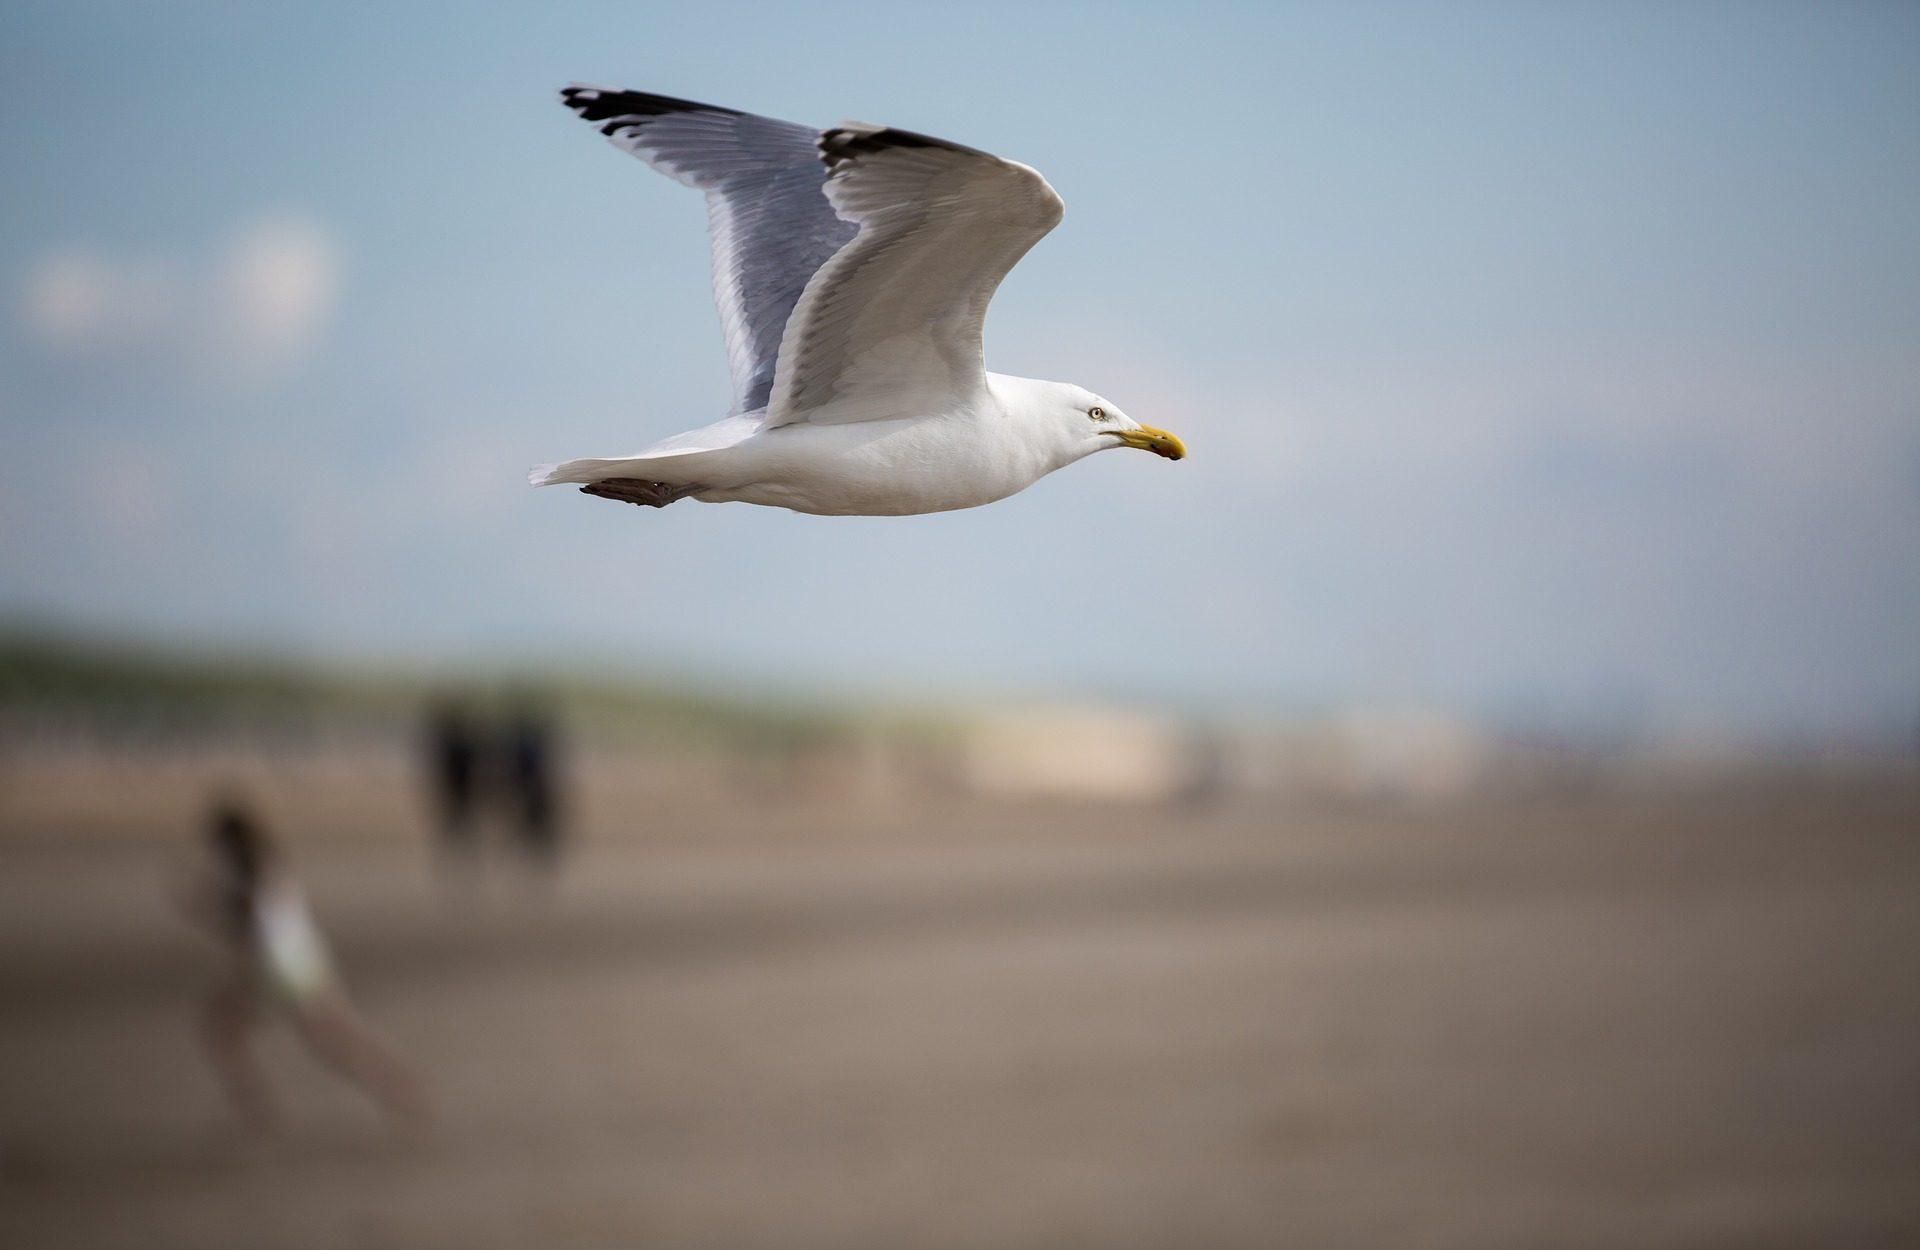 Mouette, Ave, Oiseau, vol, ailes, envergure - Fonds d'écran HD - Professor-falken.com